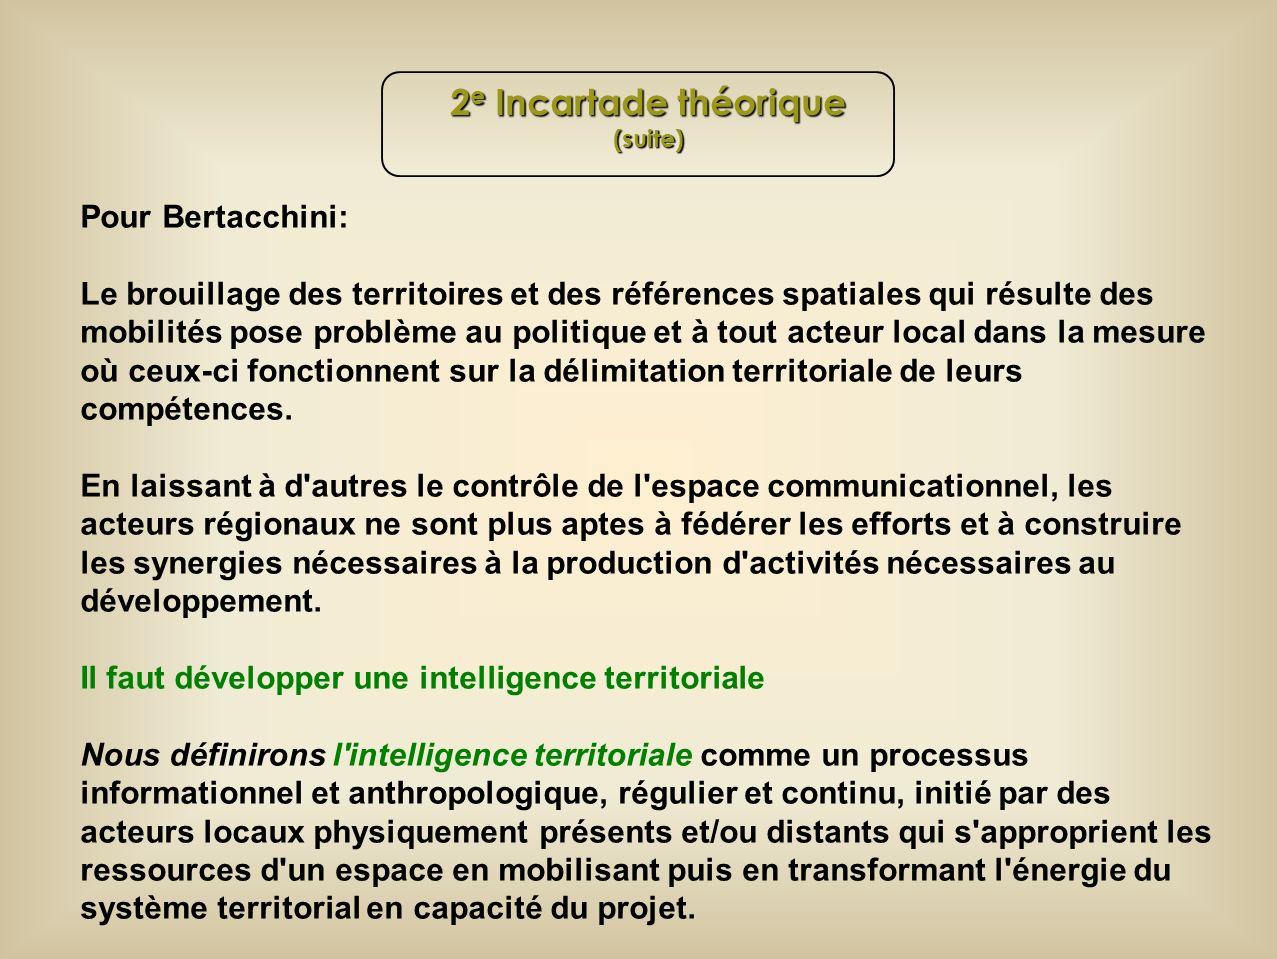 Pour Bertacchini: Le brouillage des territoires et des références spatiales qui résulte des mobilités pose problème au politique et à tout acteur loca